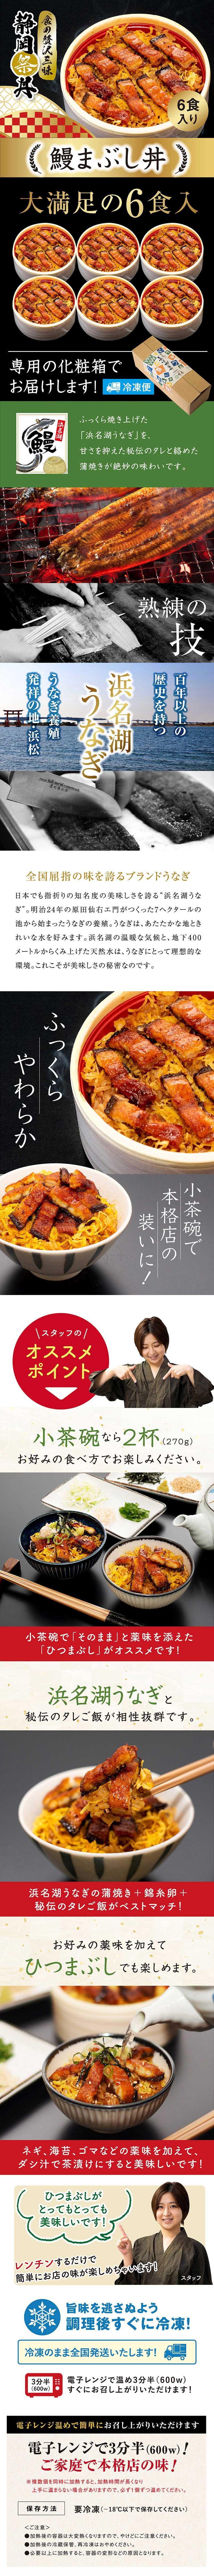 chikusen-unagi-main4.jpg